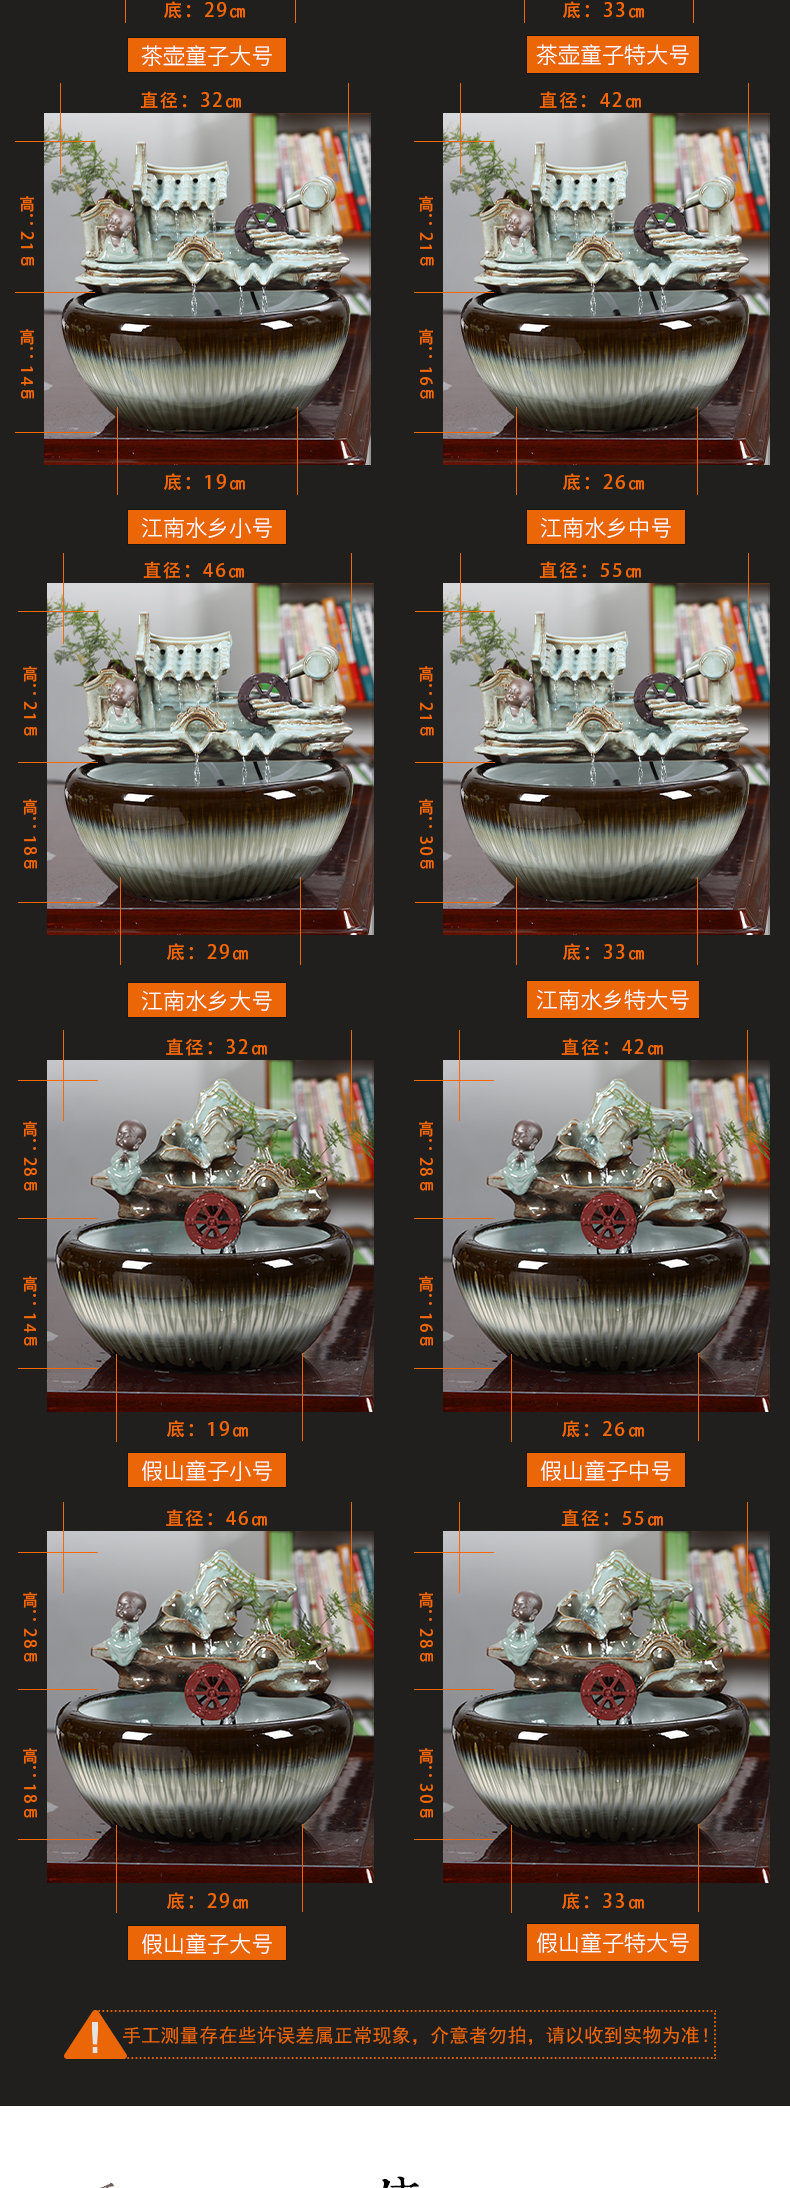 Ceramic up tank sitting room circulating water tank housewarming furnishing articles balcony garden lotus fish bowl